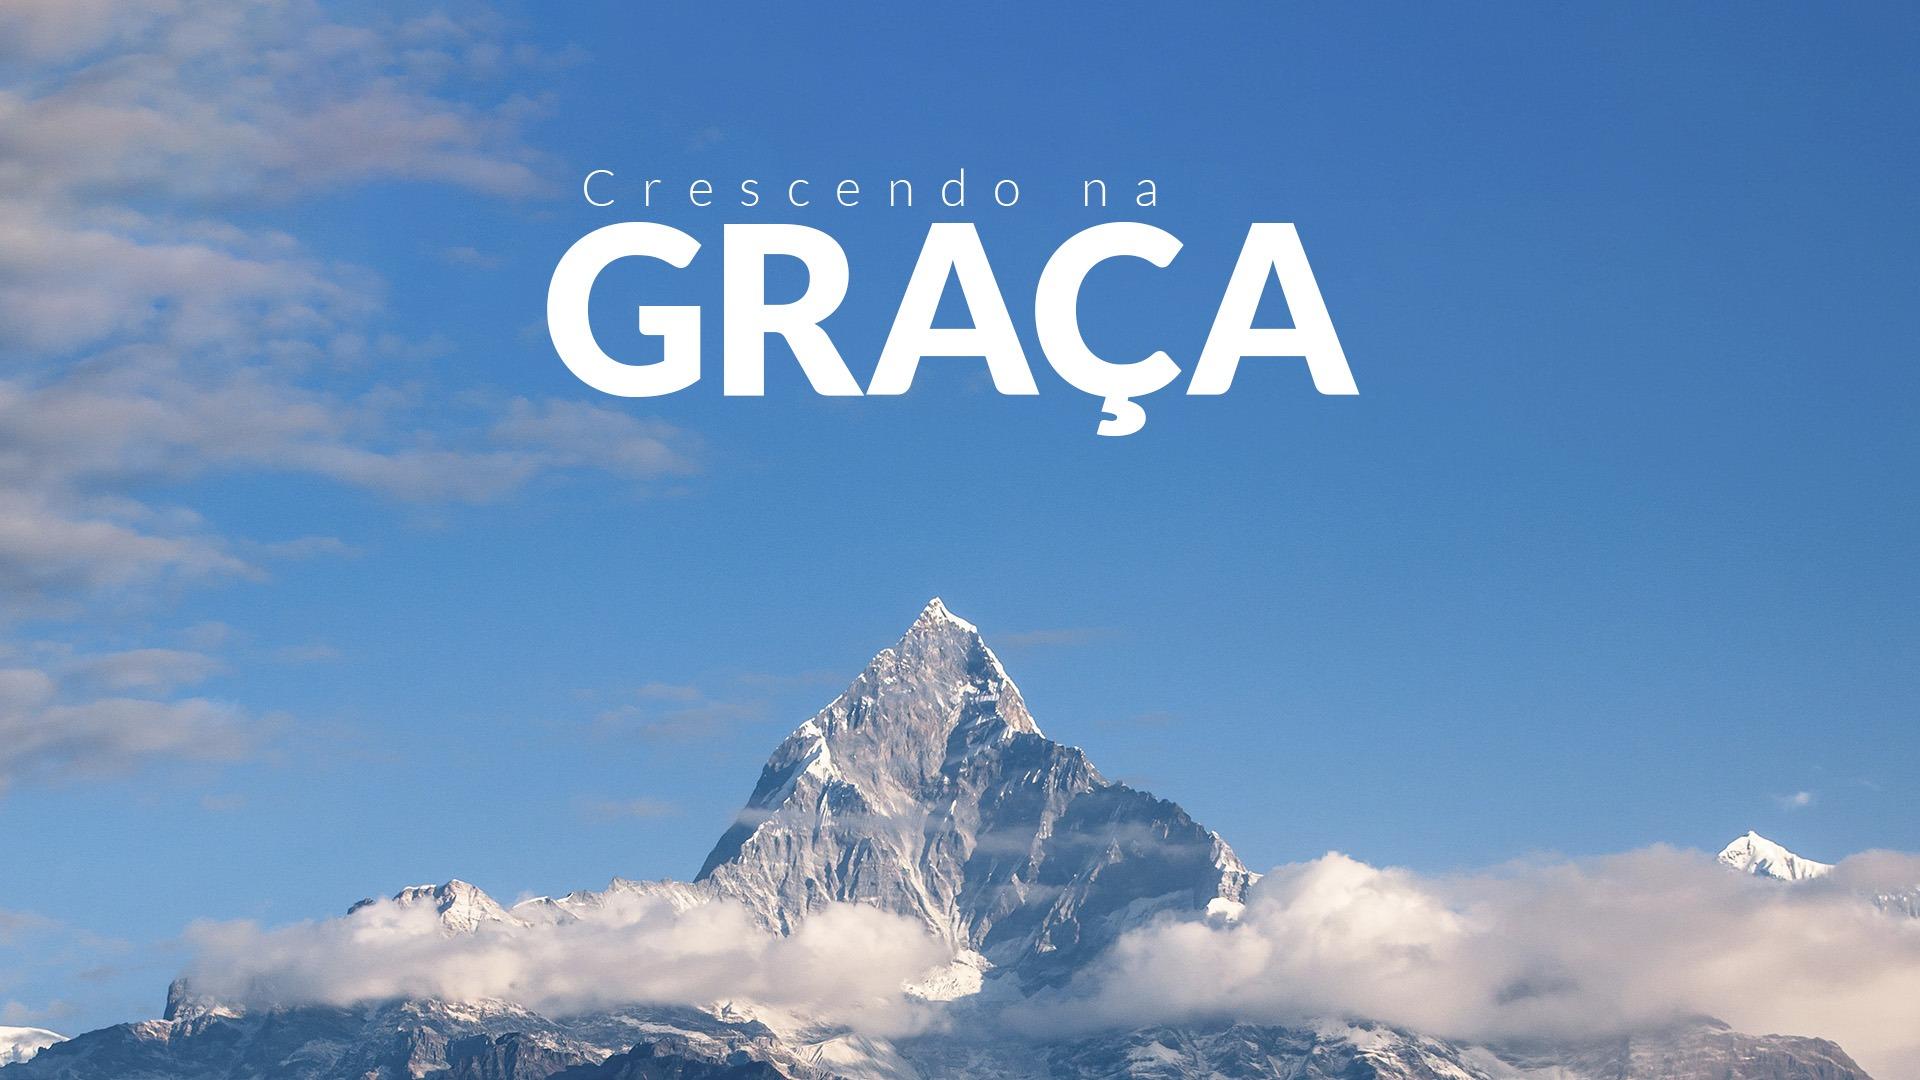 Tema 2019 - Crescendo na Graça